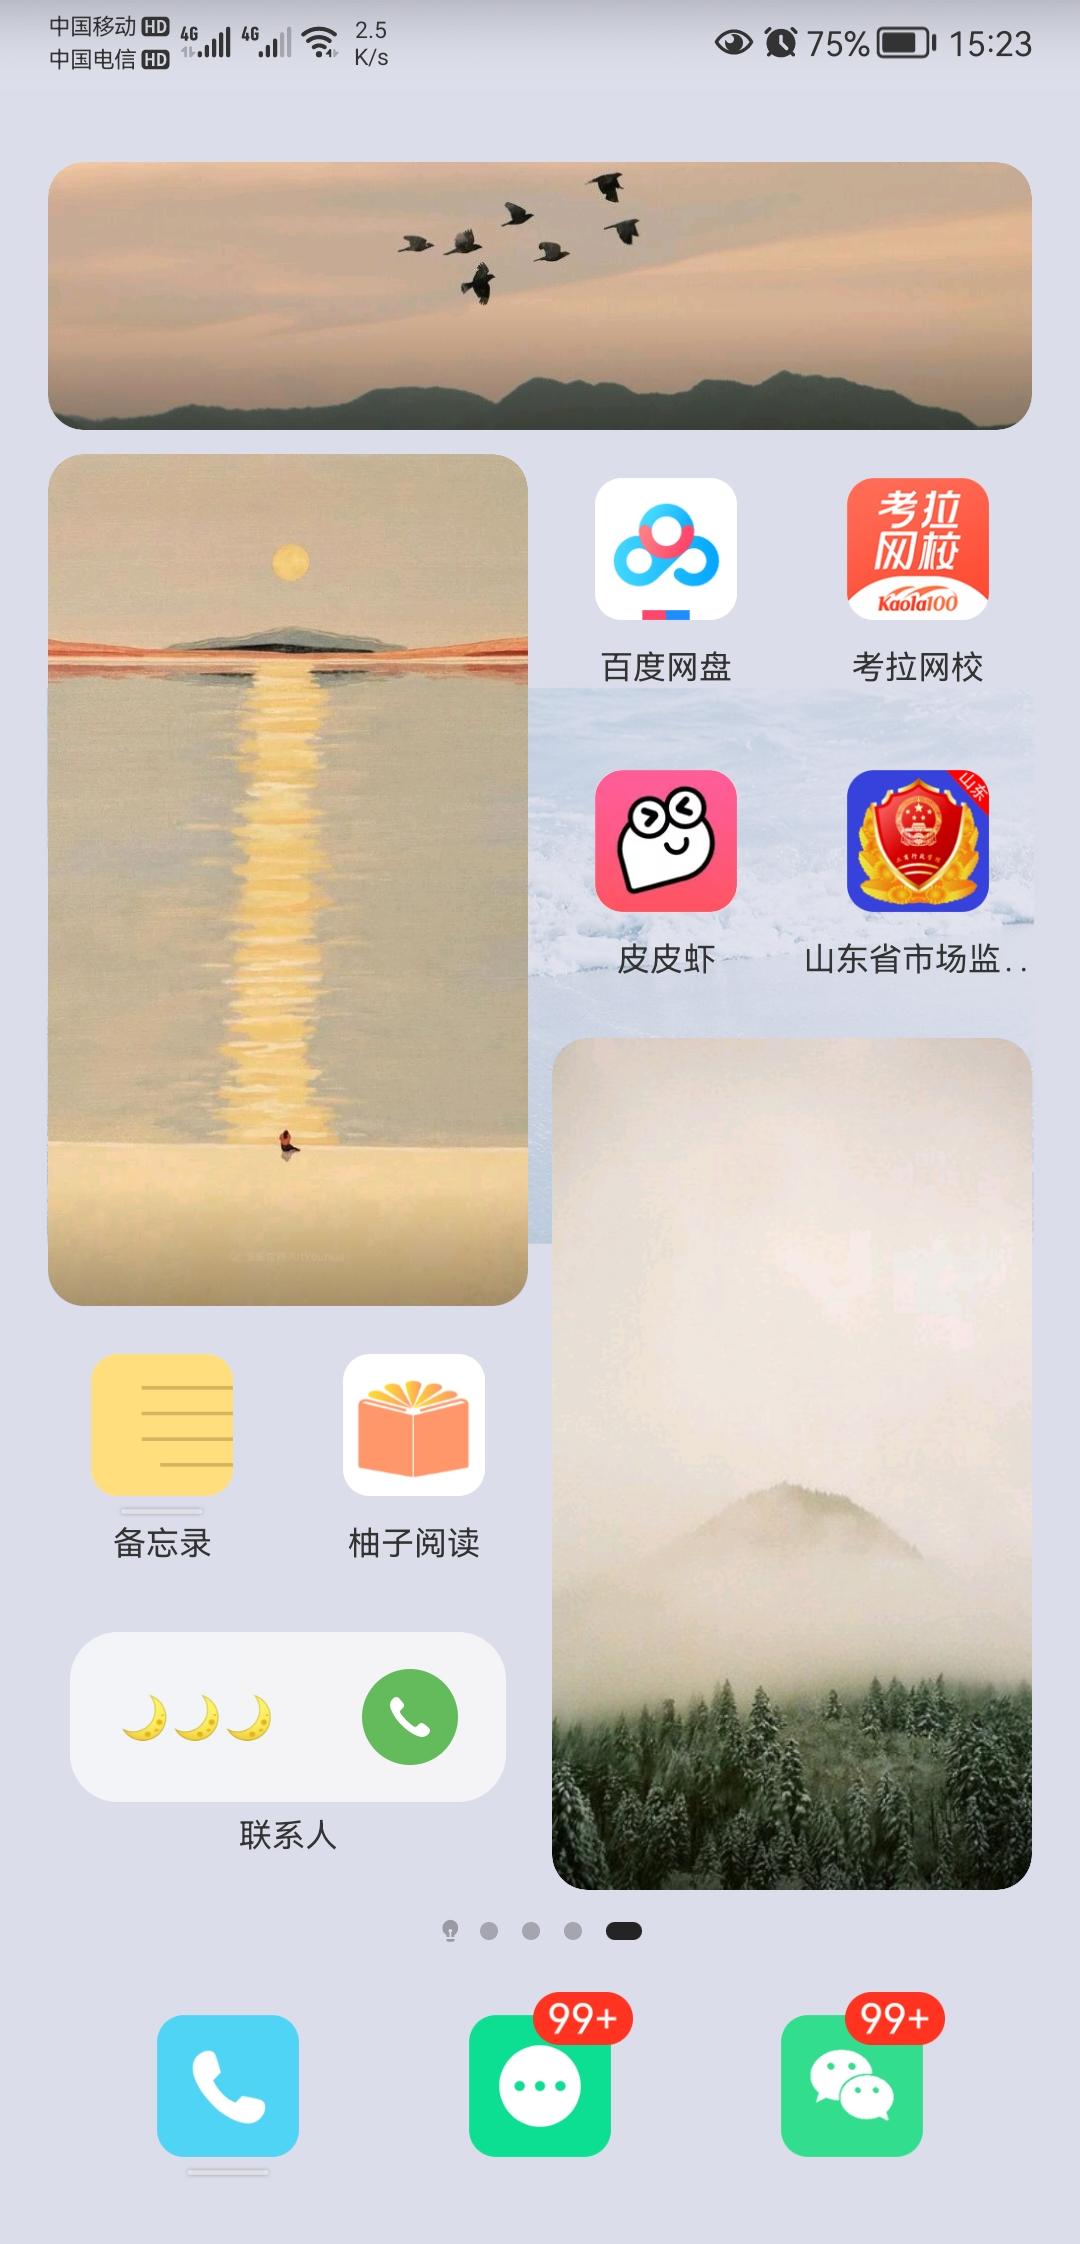 Screenshot_20210922_152326_com.huawei.android.launcher.jpg